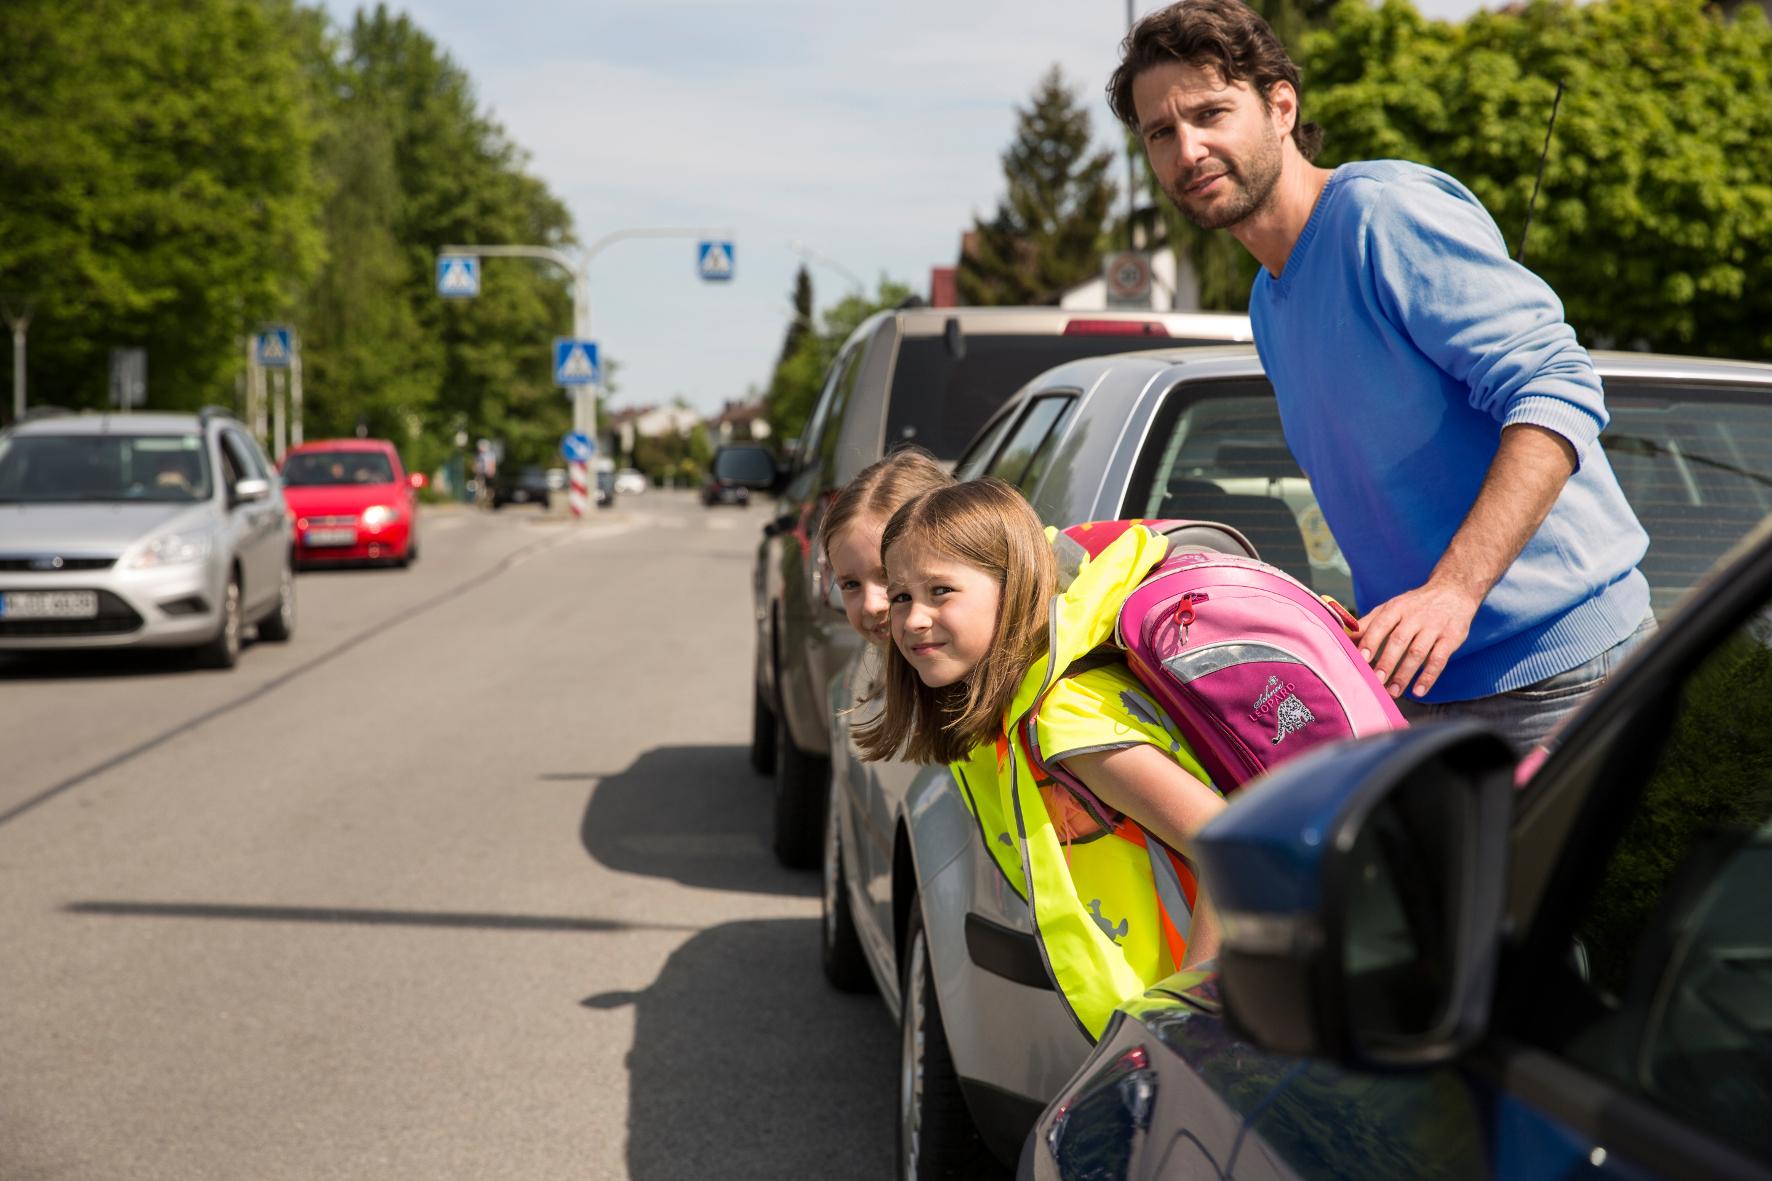 """mid Groß-Gerau - Der """"richtige"""" Schulweg ist nicht immer der kürzeste. Wichtig ist, dass Kinder möglichst wenig Kreuzungen mit viel Verkehr überqueren müssen. Eine Hilfestellung bieten Schulwegpläne."""